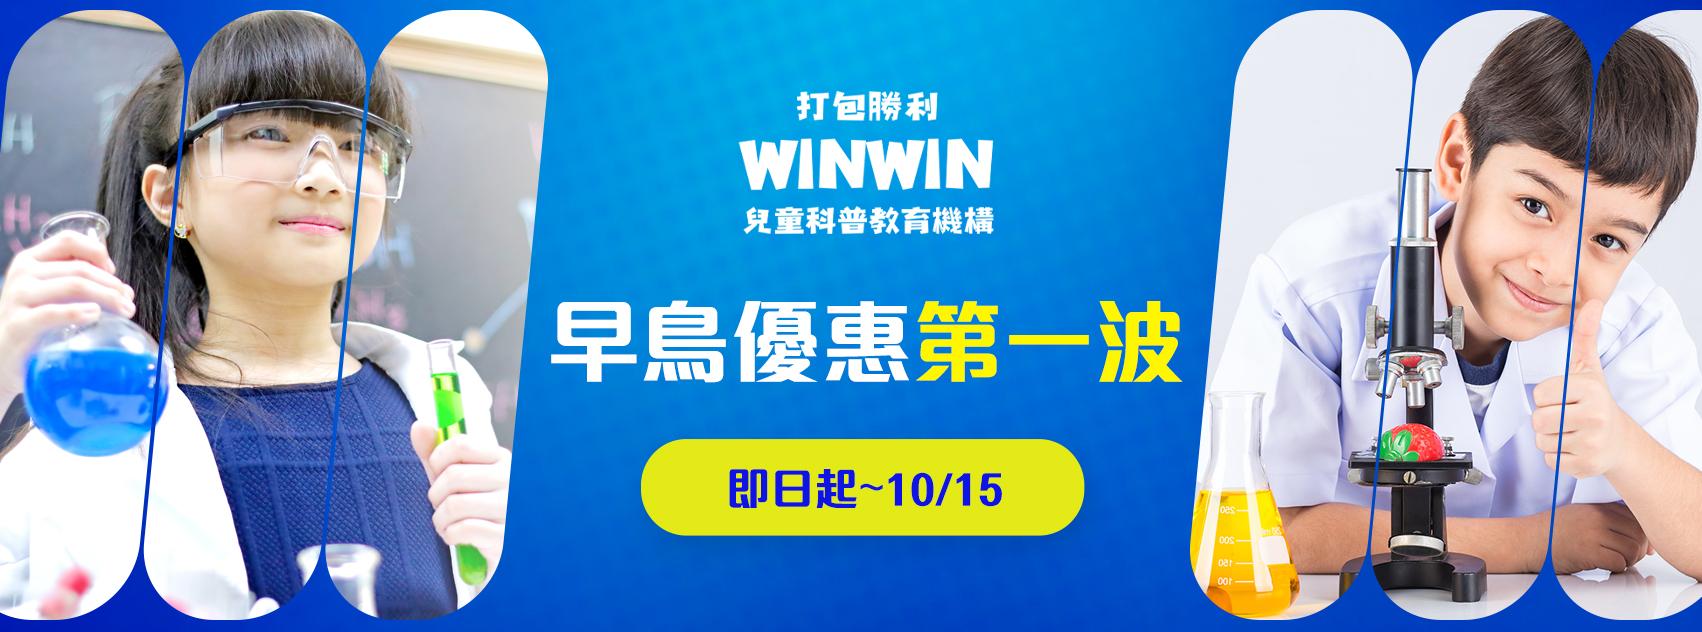 WINWIN打包勝利 兒童科普教育